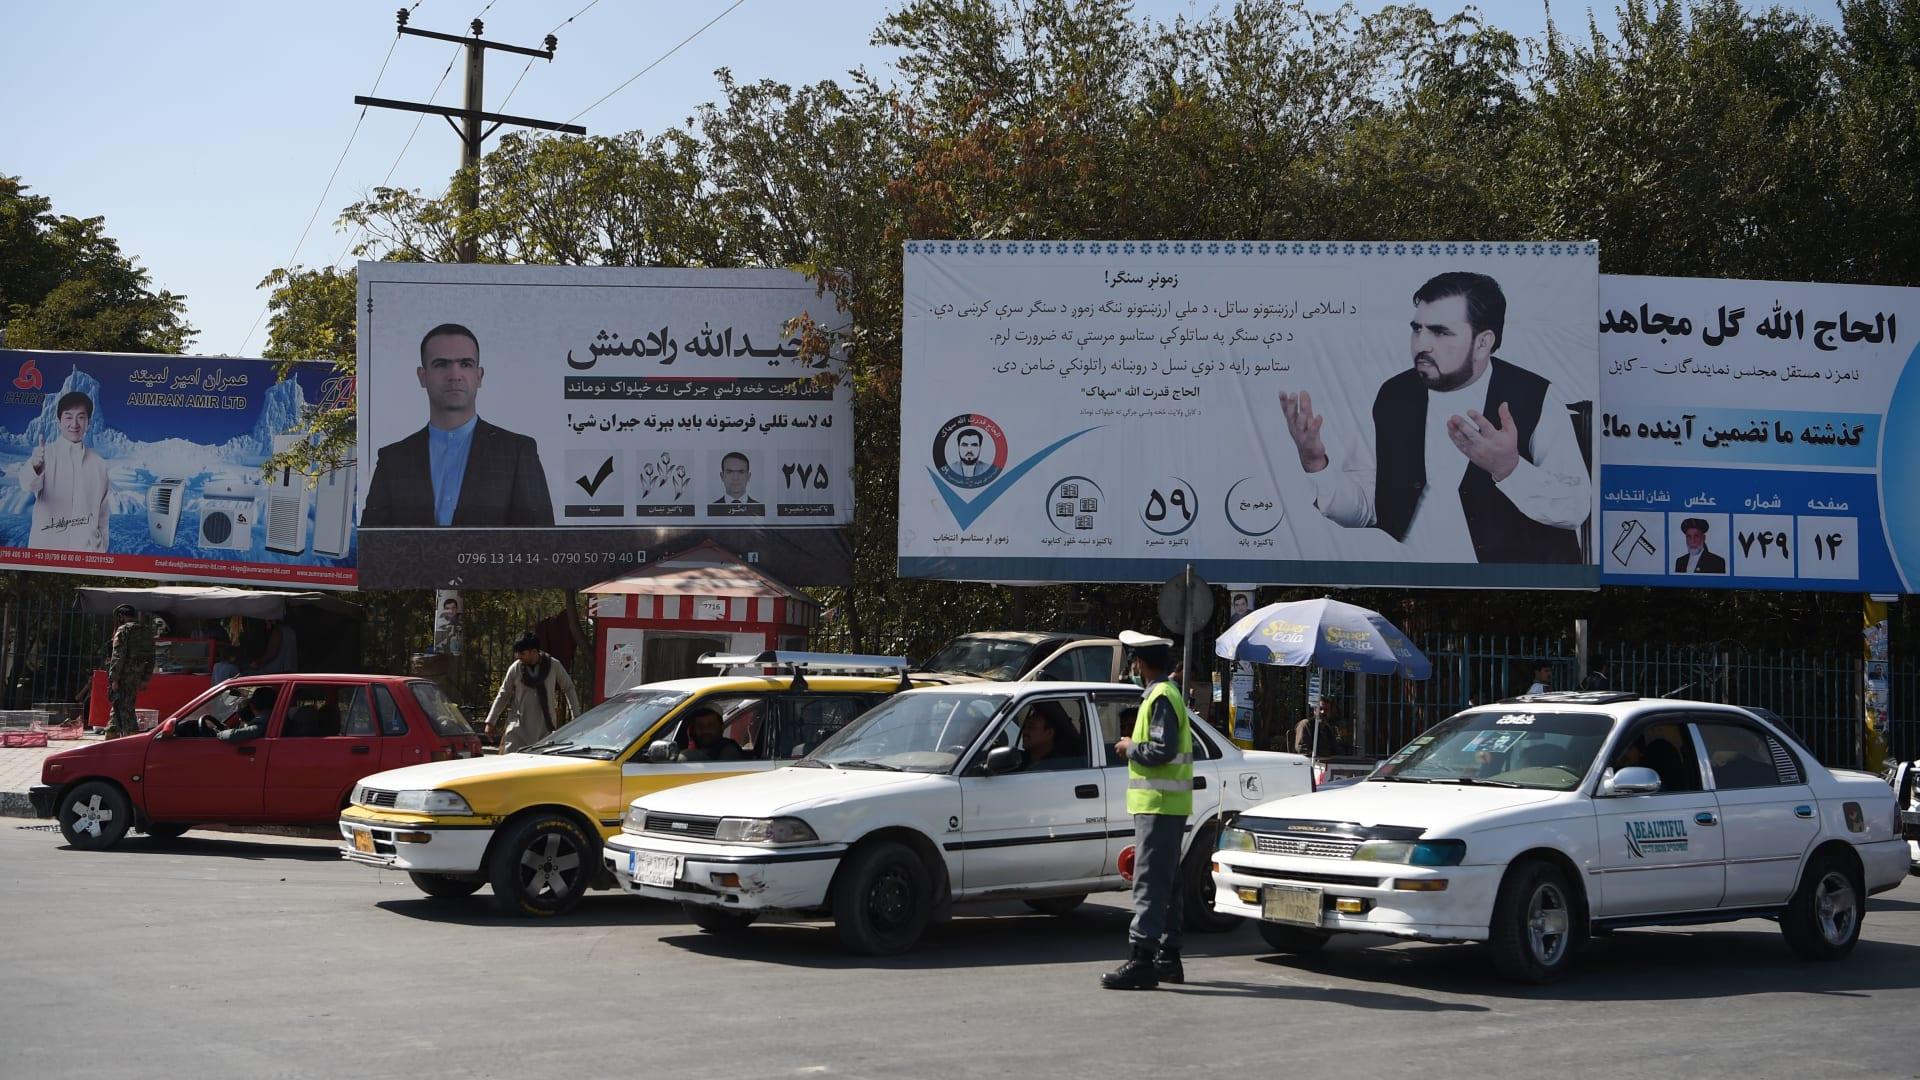 كامليا انتخابي فرد تكتب لـCNN: الناخبون الأفغان يلاحقون لقمة العيش ويخشون الموت